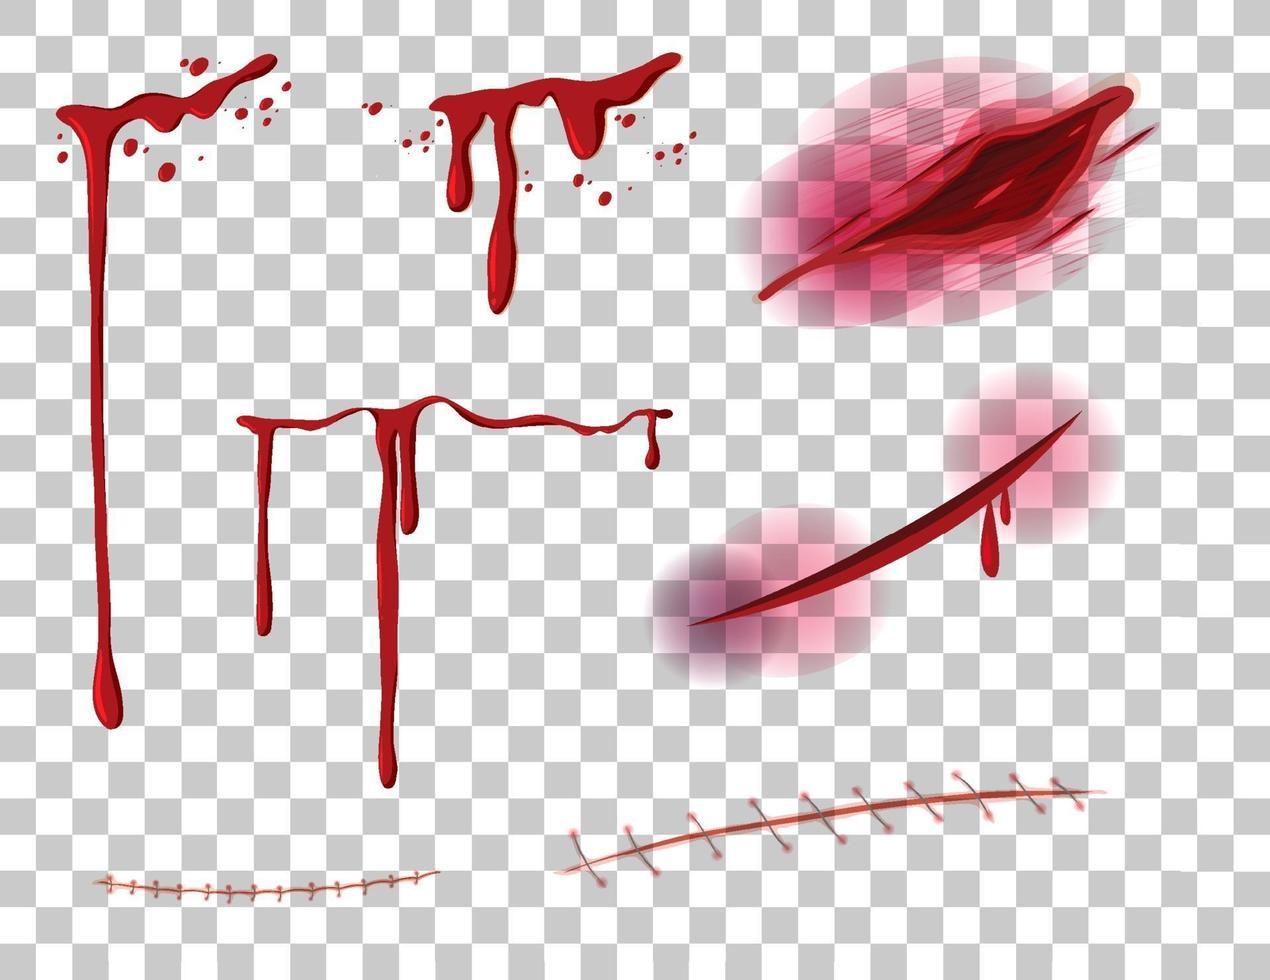 rotes tropfendes Blut mit vielen verschiedenen Wunden auf transparentem Hintergrund vektor